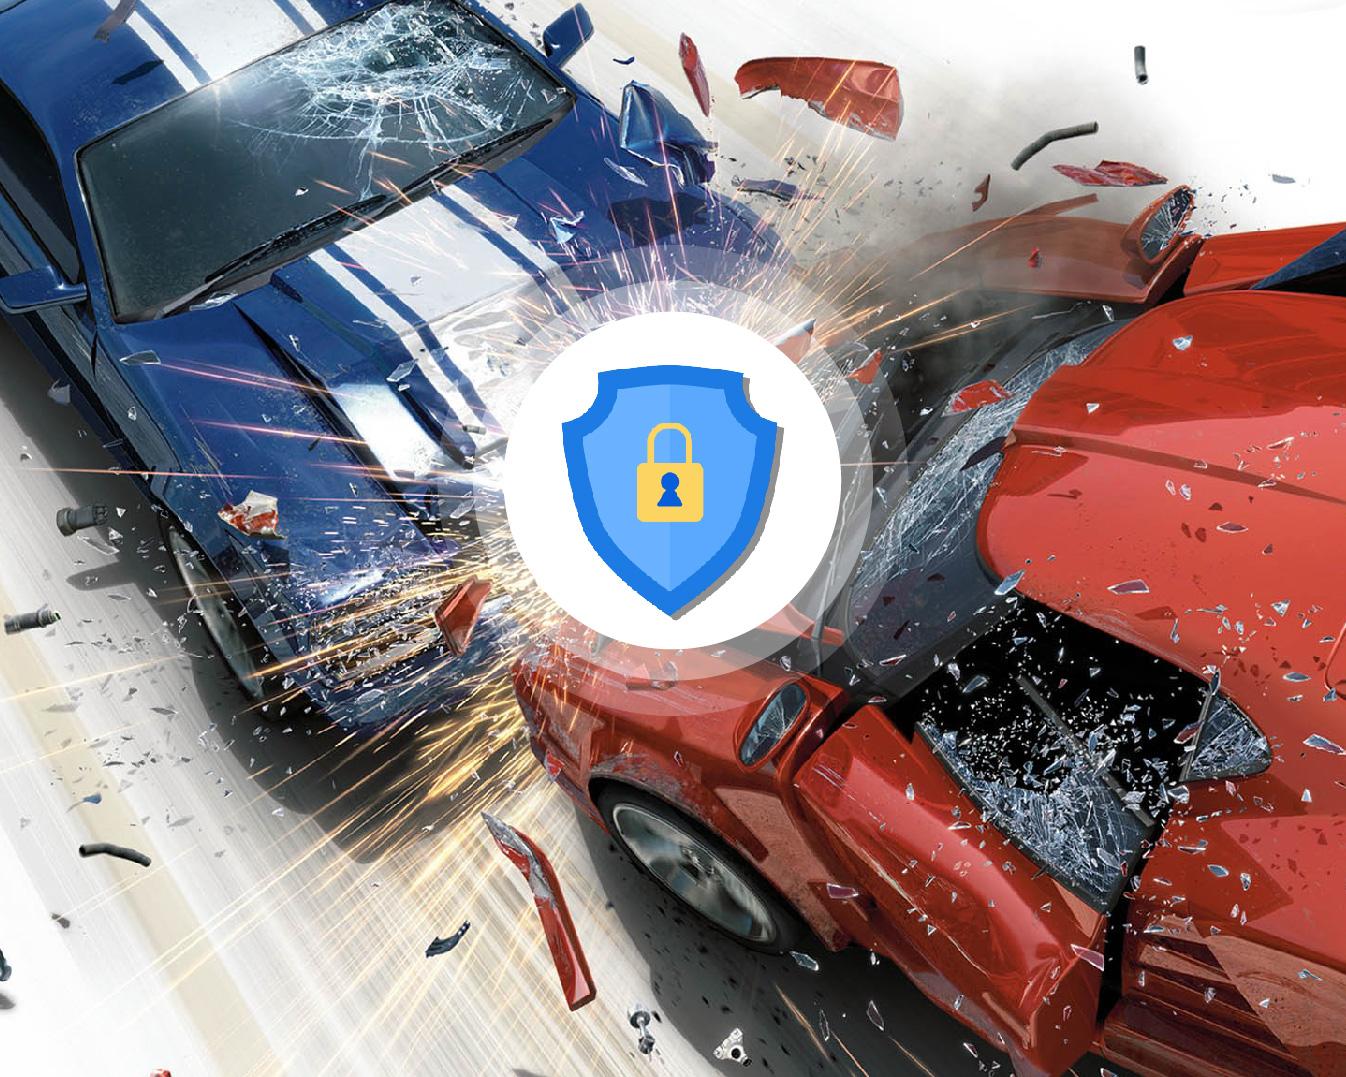 車用G-sensor加速度傳感器驗證測試